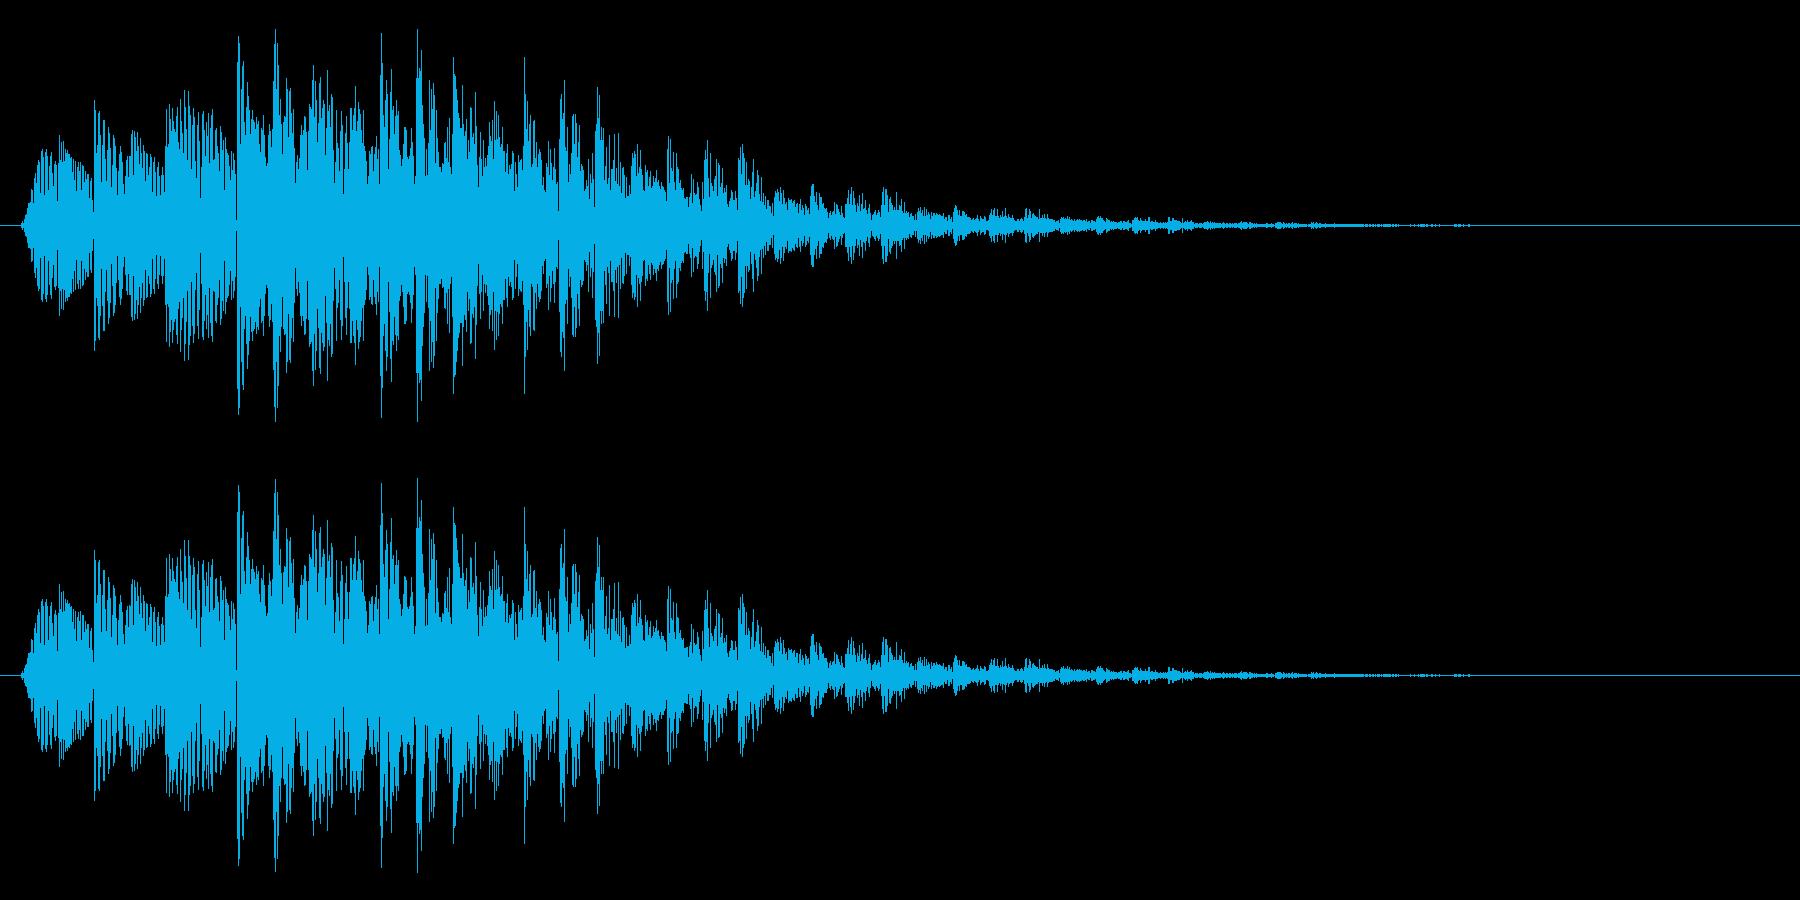 場面転換/バラエティ番組/下降系の再生済みの波形